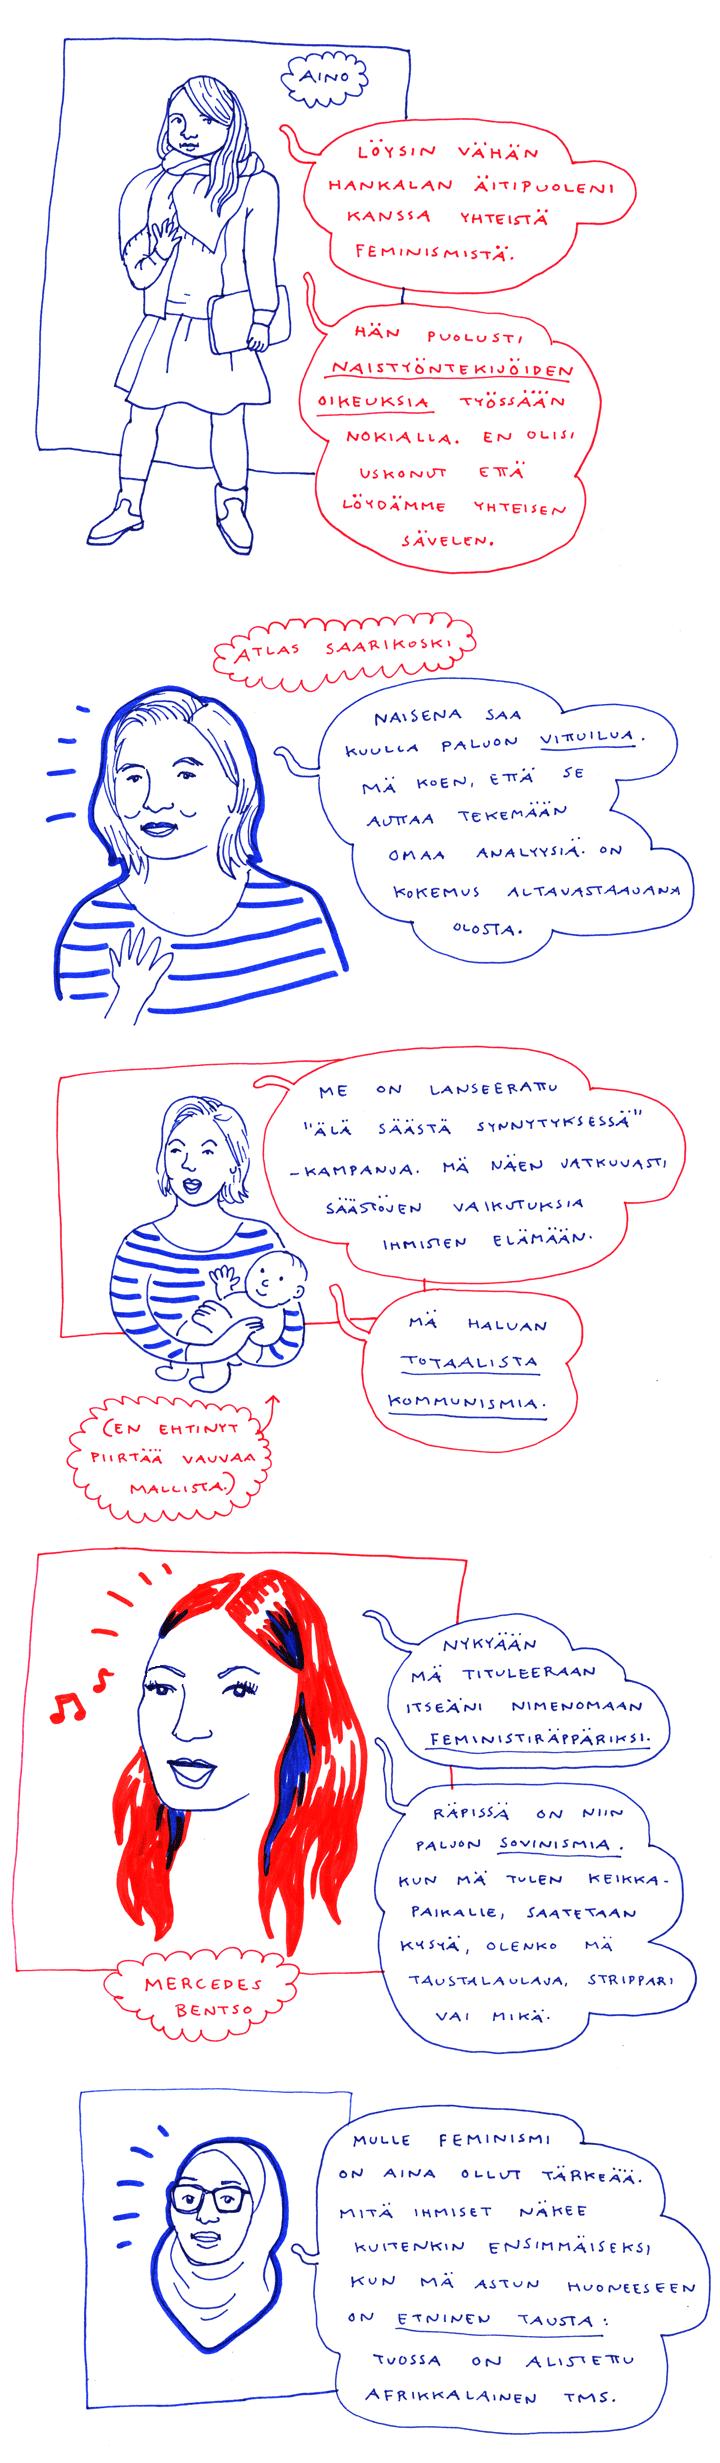 feminismi-antirasismi-x-2x